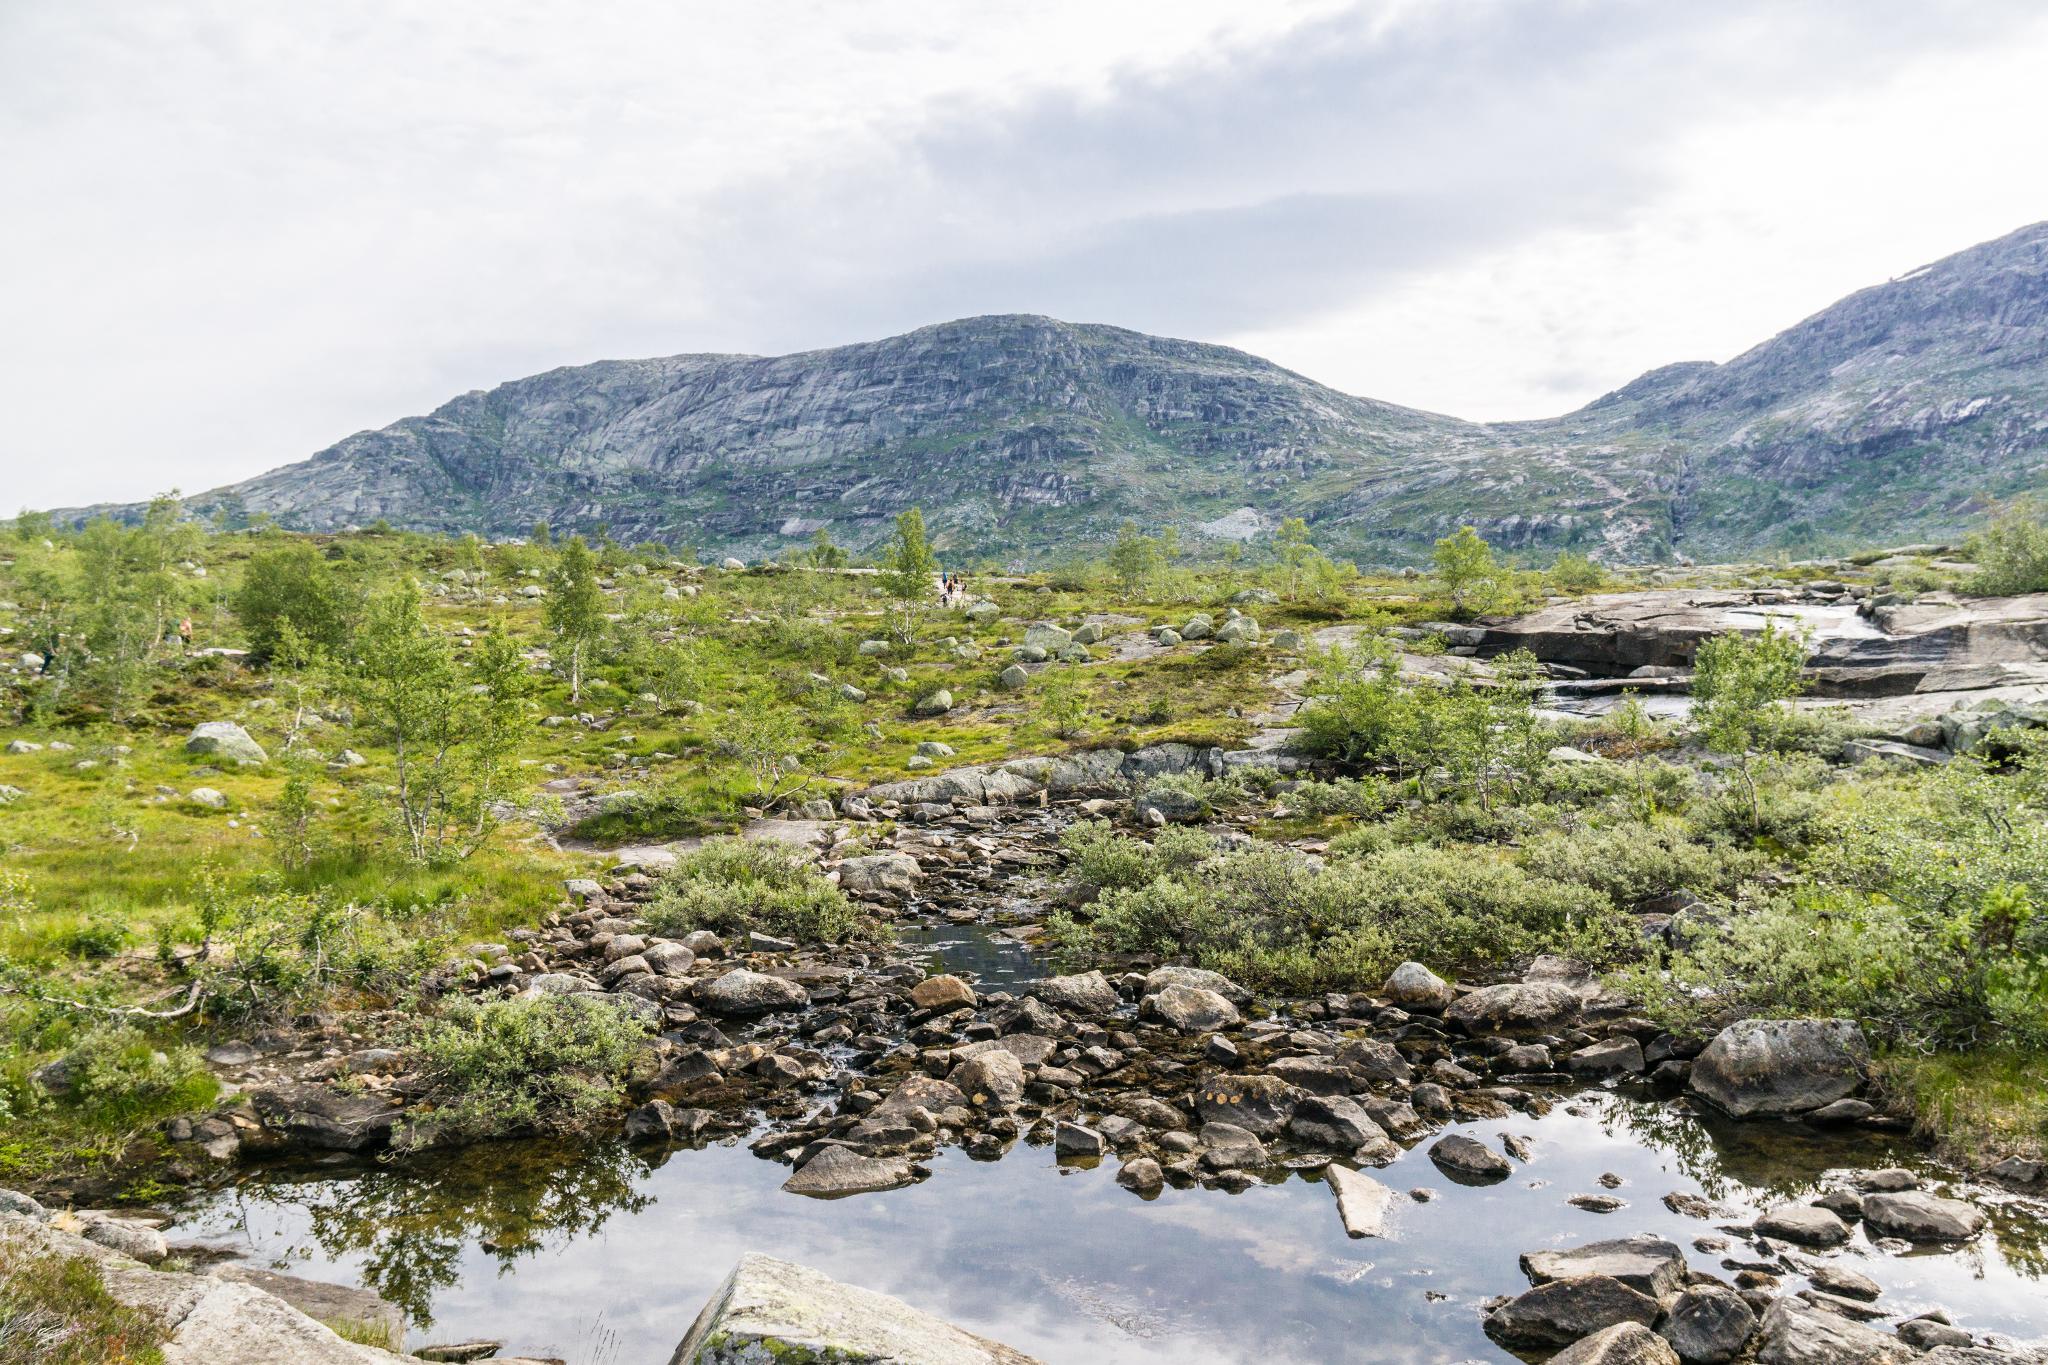 【北歐景點】挪威惡魔之舌 Trolltunga — 28公里健行挑戰全攻略 183